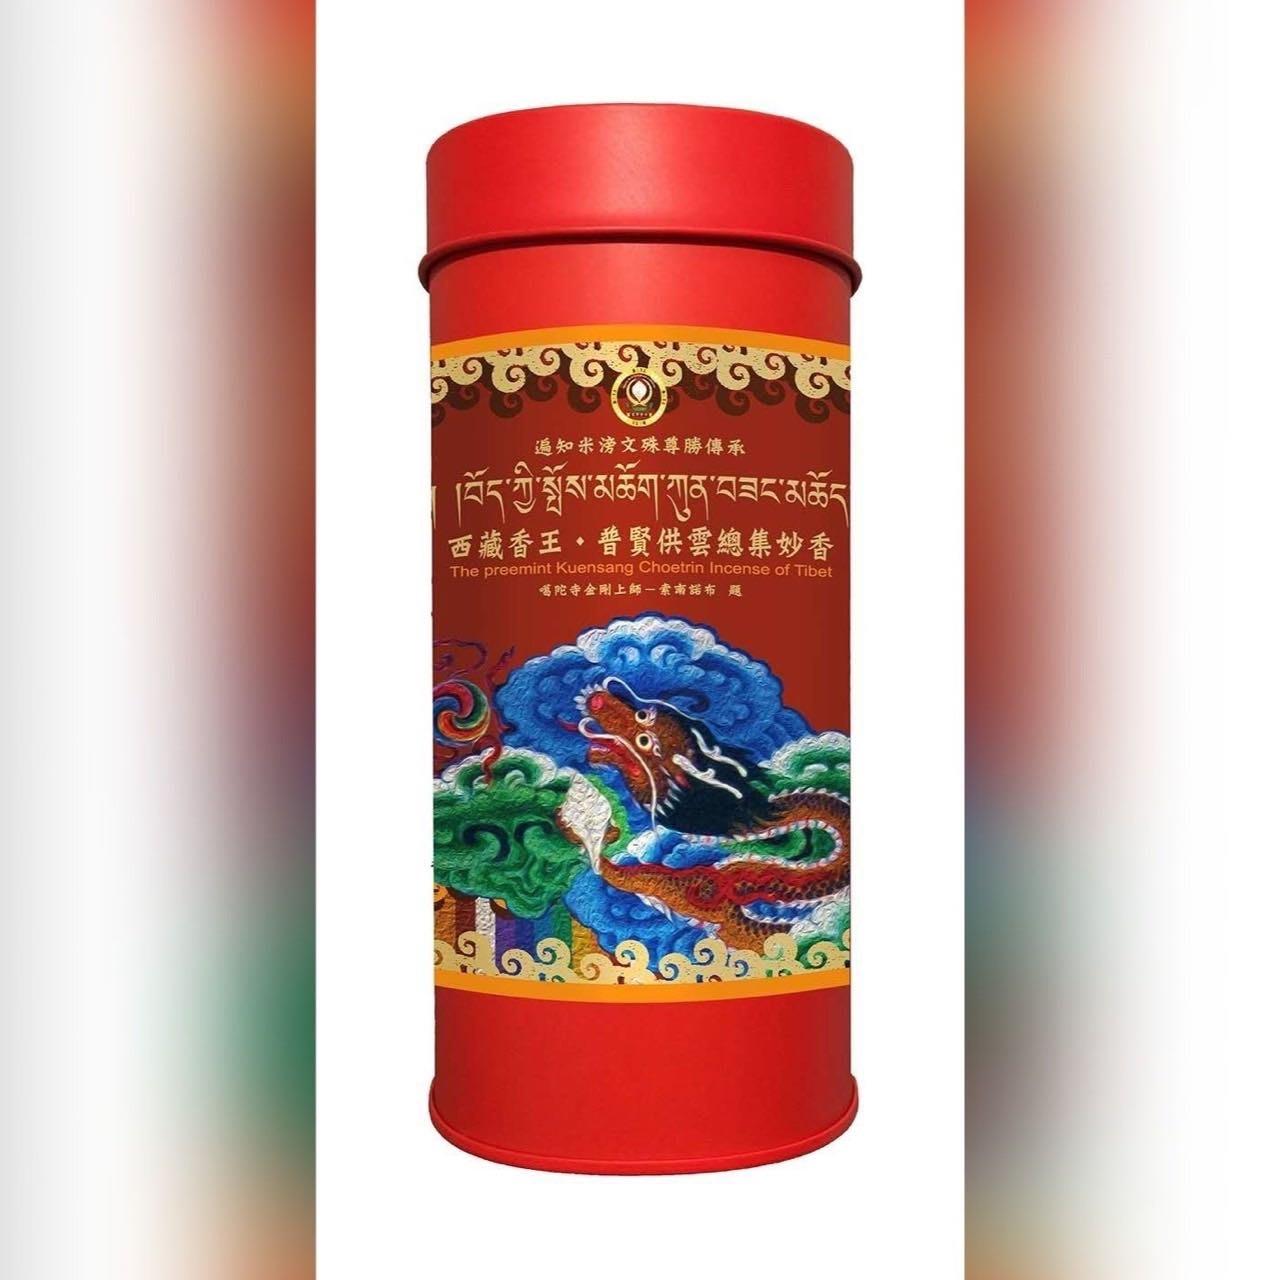 甘丹文物 ^^ 鐵罐 西藏香王﹞ 普賢供雲總集 (極品如法藏香) 供養殊勝 西藏香王臥香